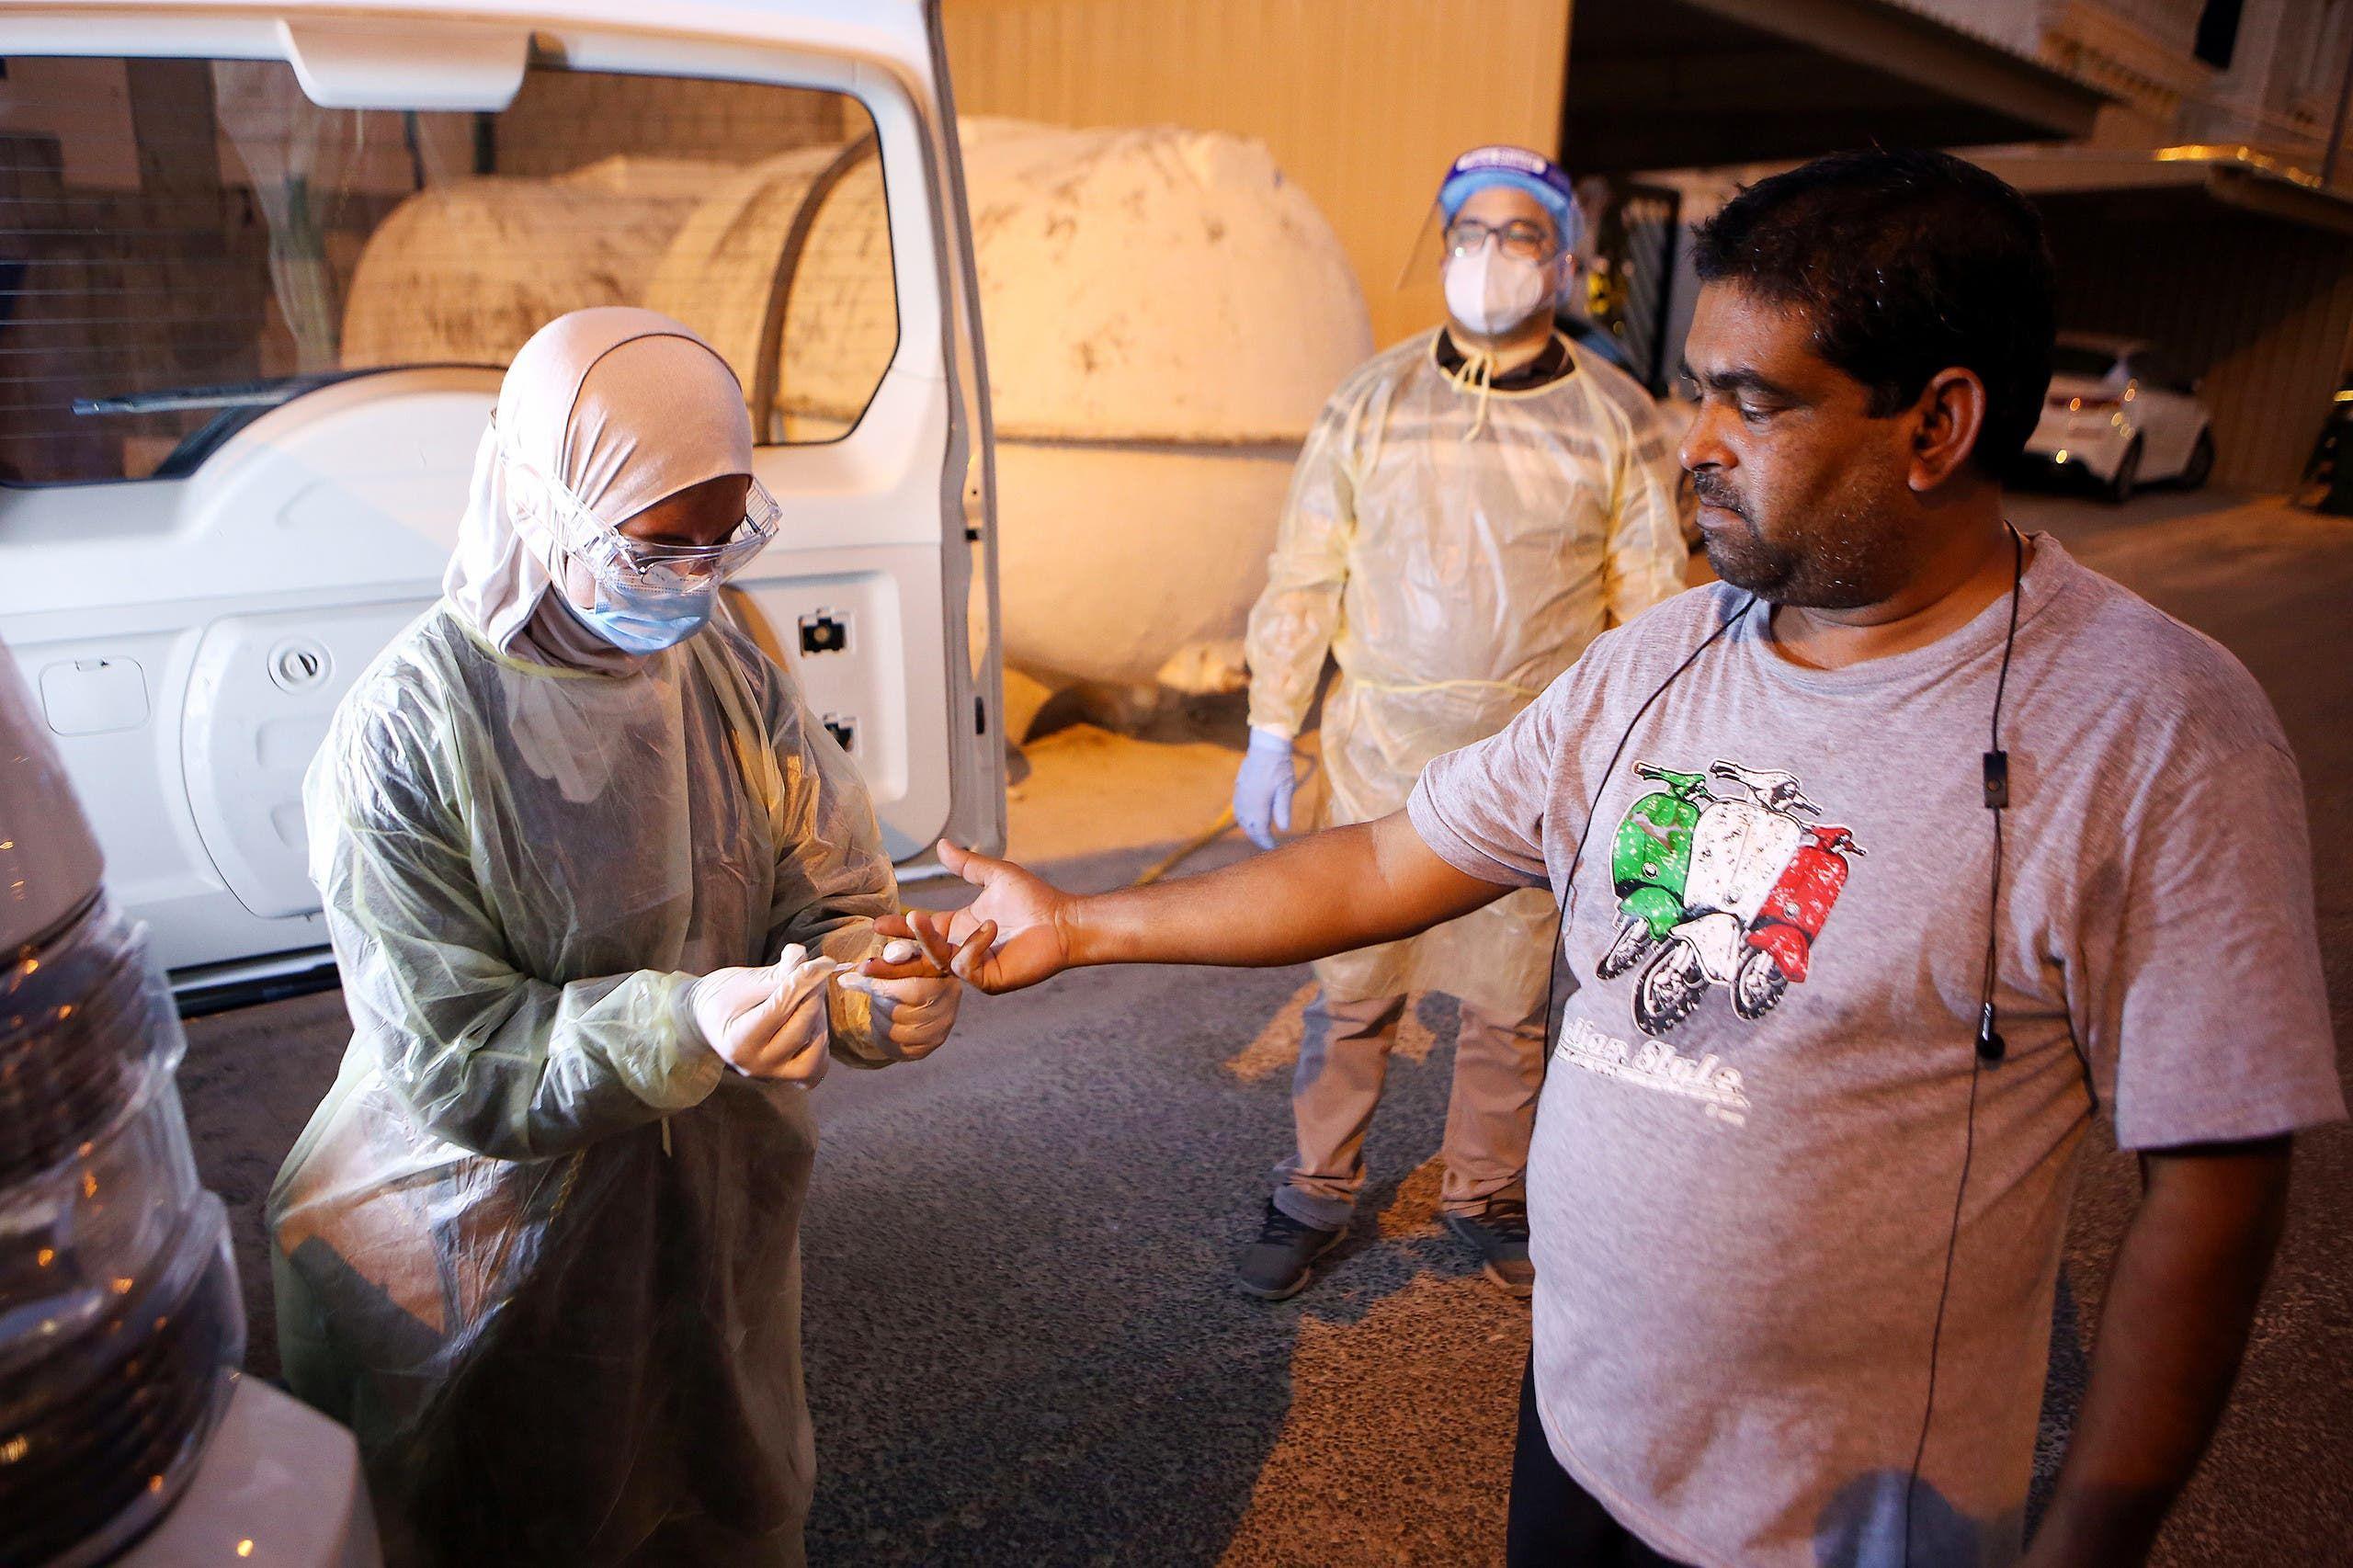 وزارة الصحة تفحص سكان العاصمة الكويتية عشوئياً لرصد حالات كورونا